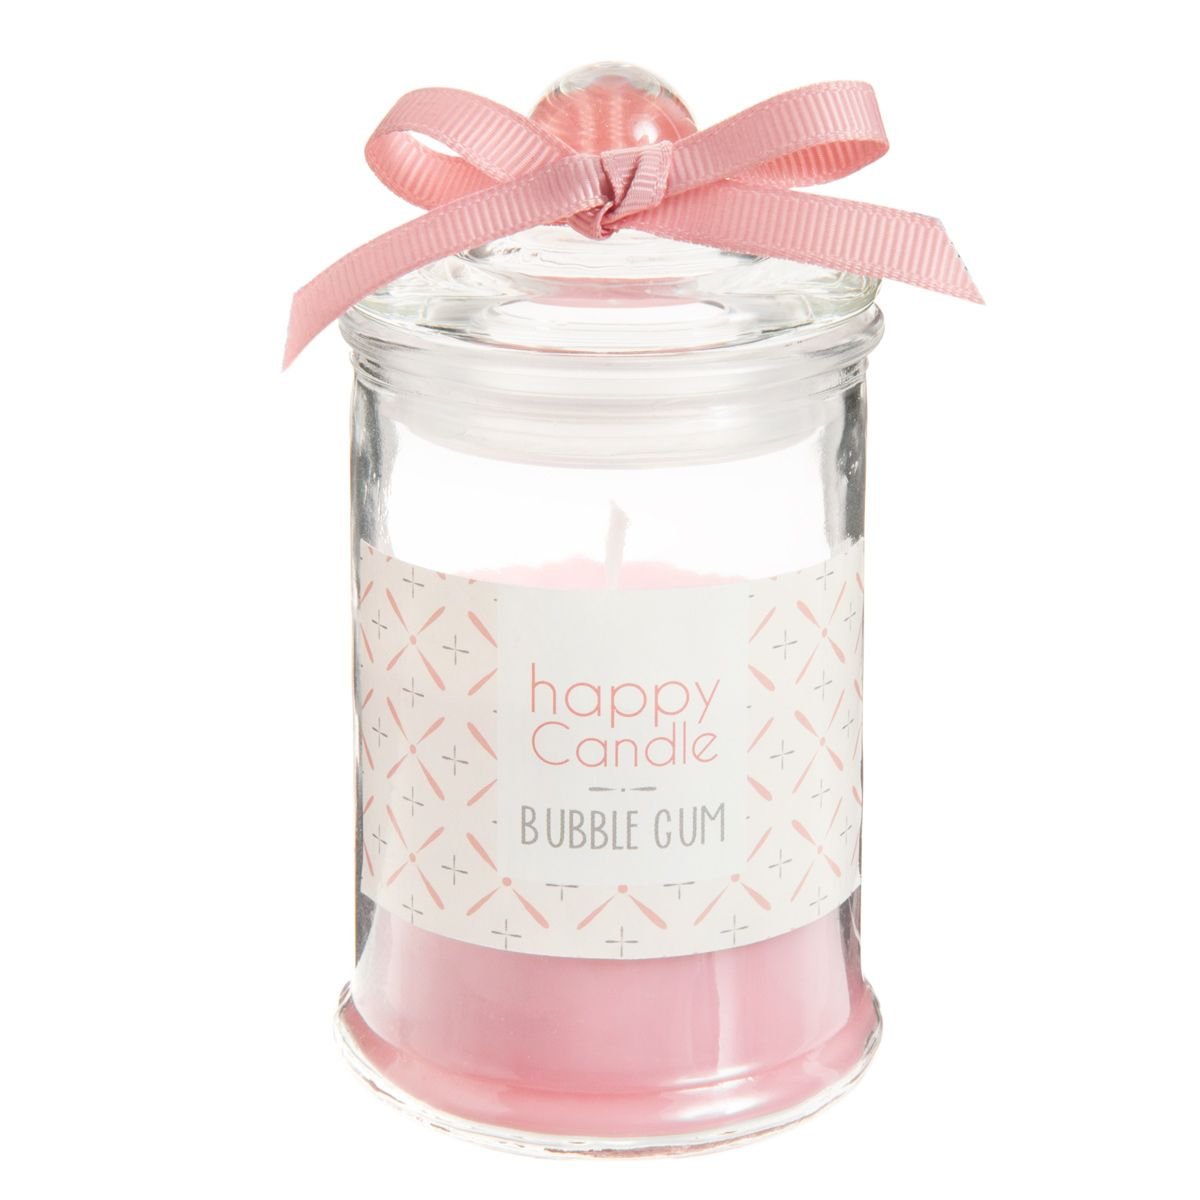 Bougie bonbonnière parfumée bubble gum corail H 11 cm VINTAGE ...